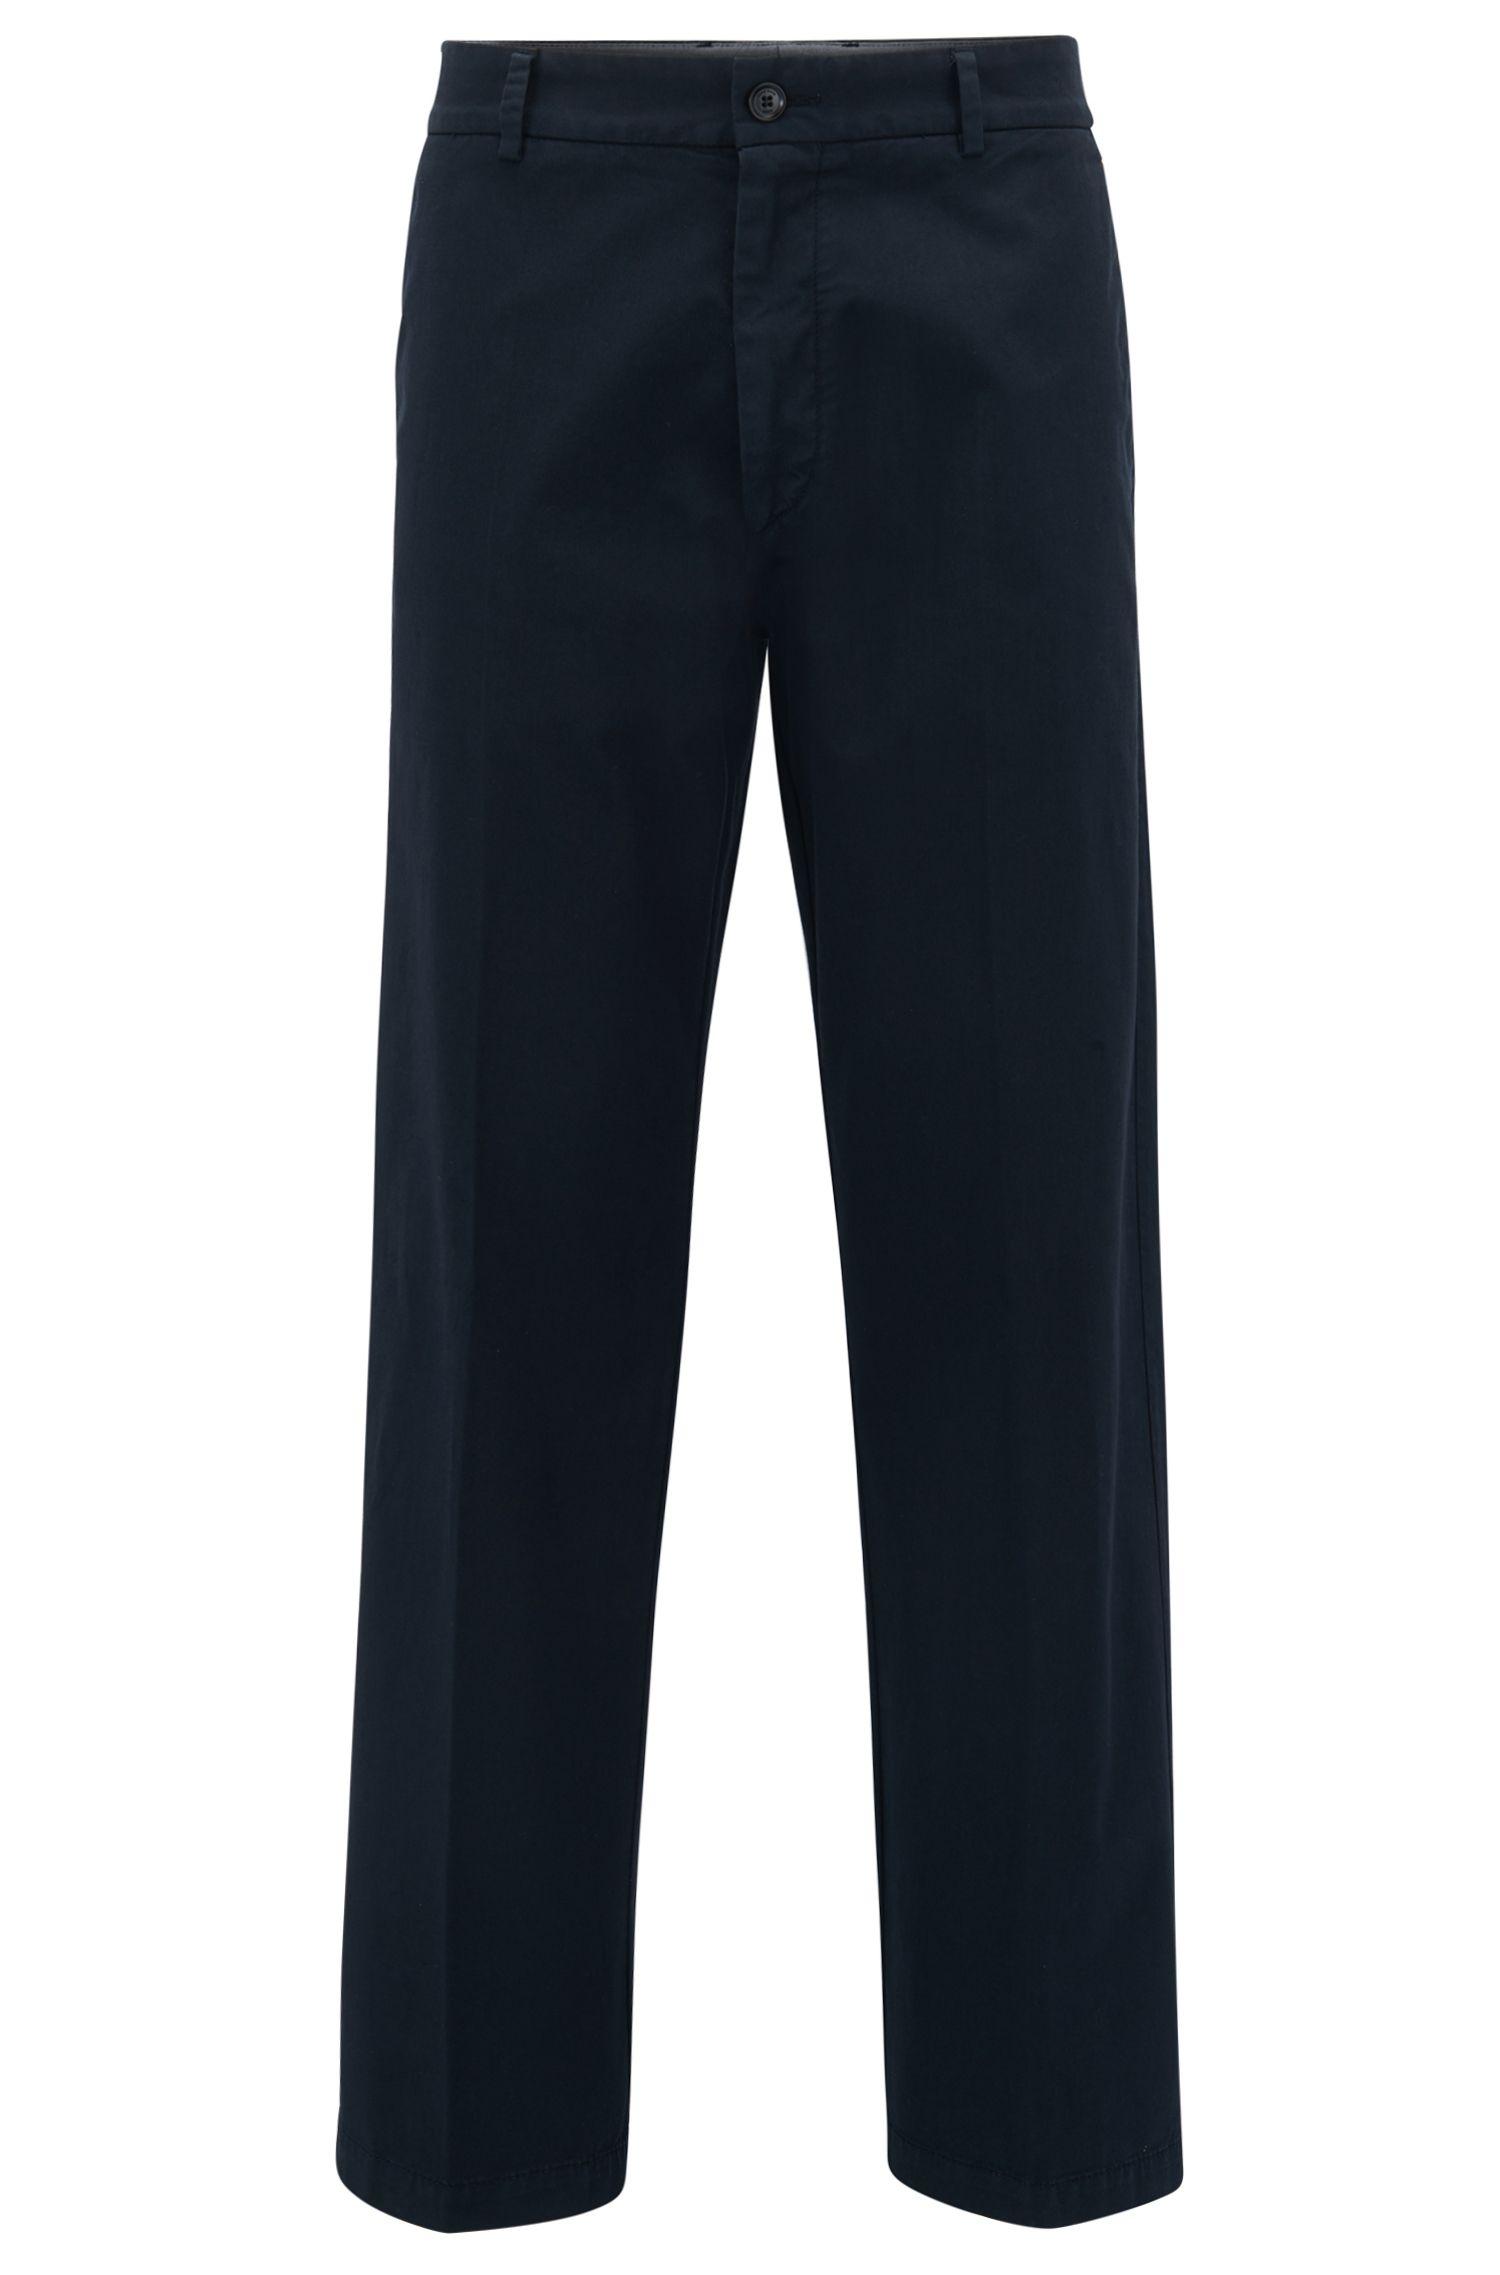 Relaxed-Fit Hose aus elastischer Baumwoll-Gabardine mit weitem Beinverlauf